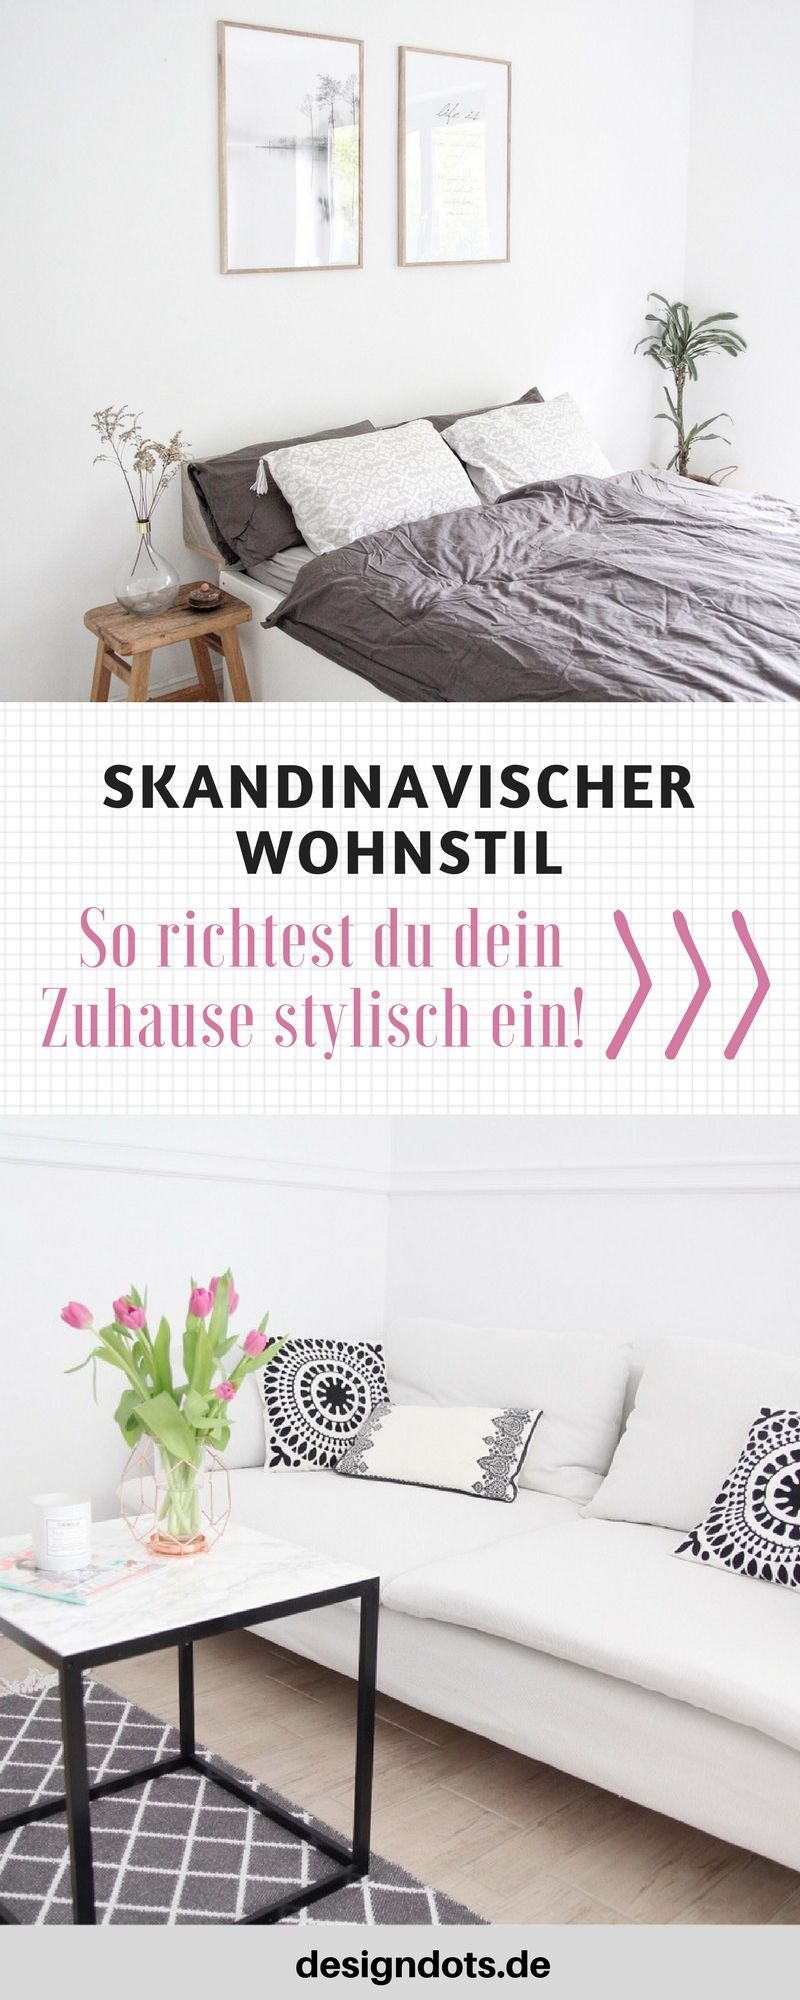 Wohnzimmer Ideen Skandinavisch, Skandinavisch, Skandinavisch Wohnen,  Skandinavisch Wohnen Deko, Skandinavisch Wohnen Wohnzimmer, Skandinavische  Einrichtung, ...